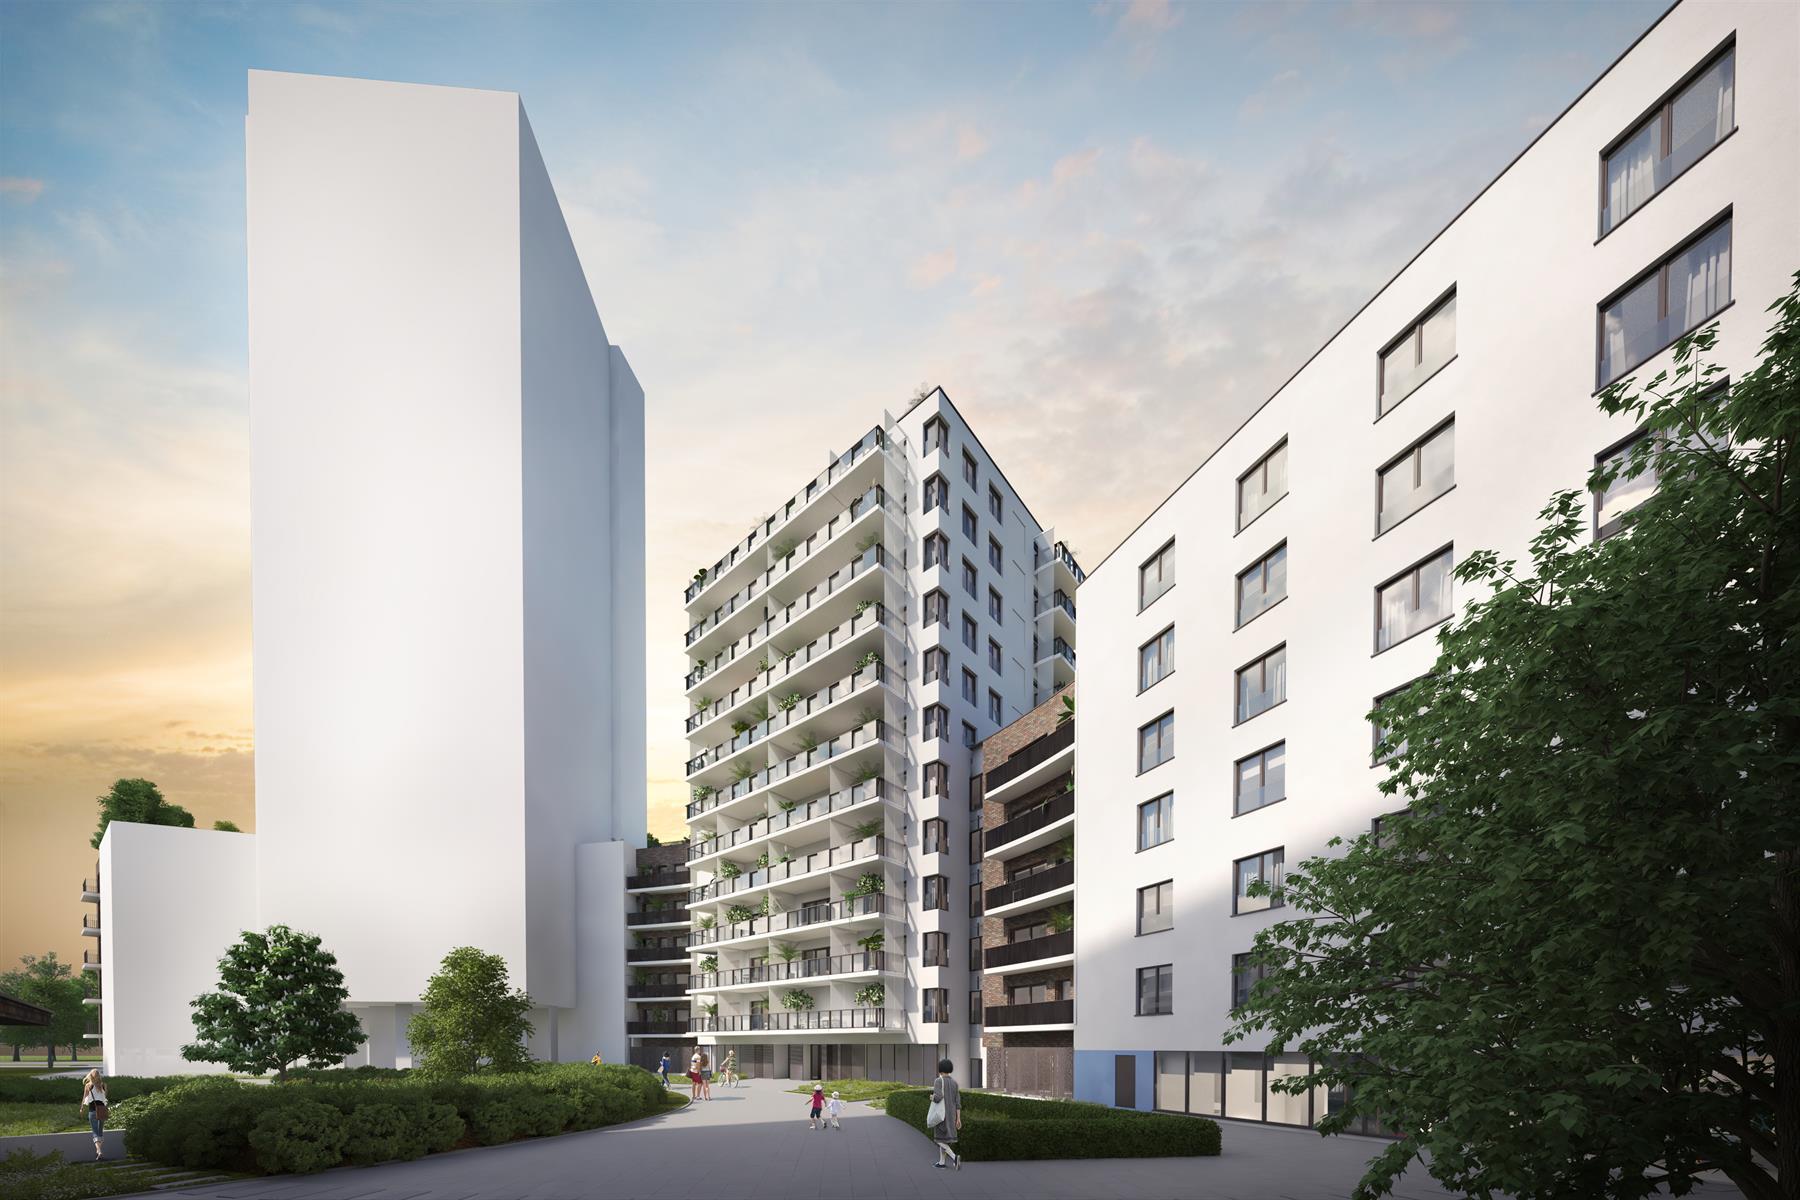 Flat - Ixelles - #4360951-0